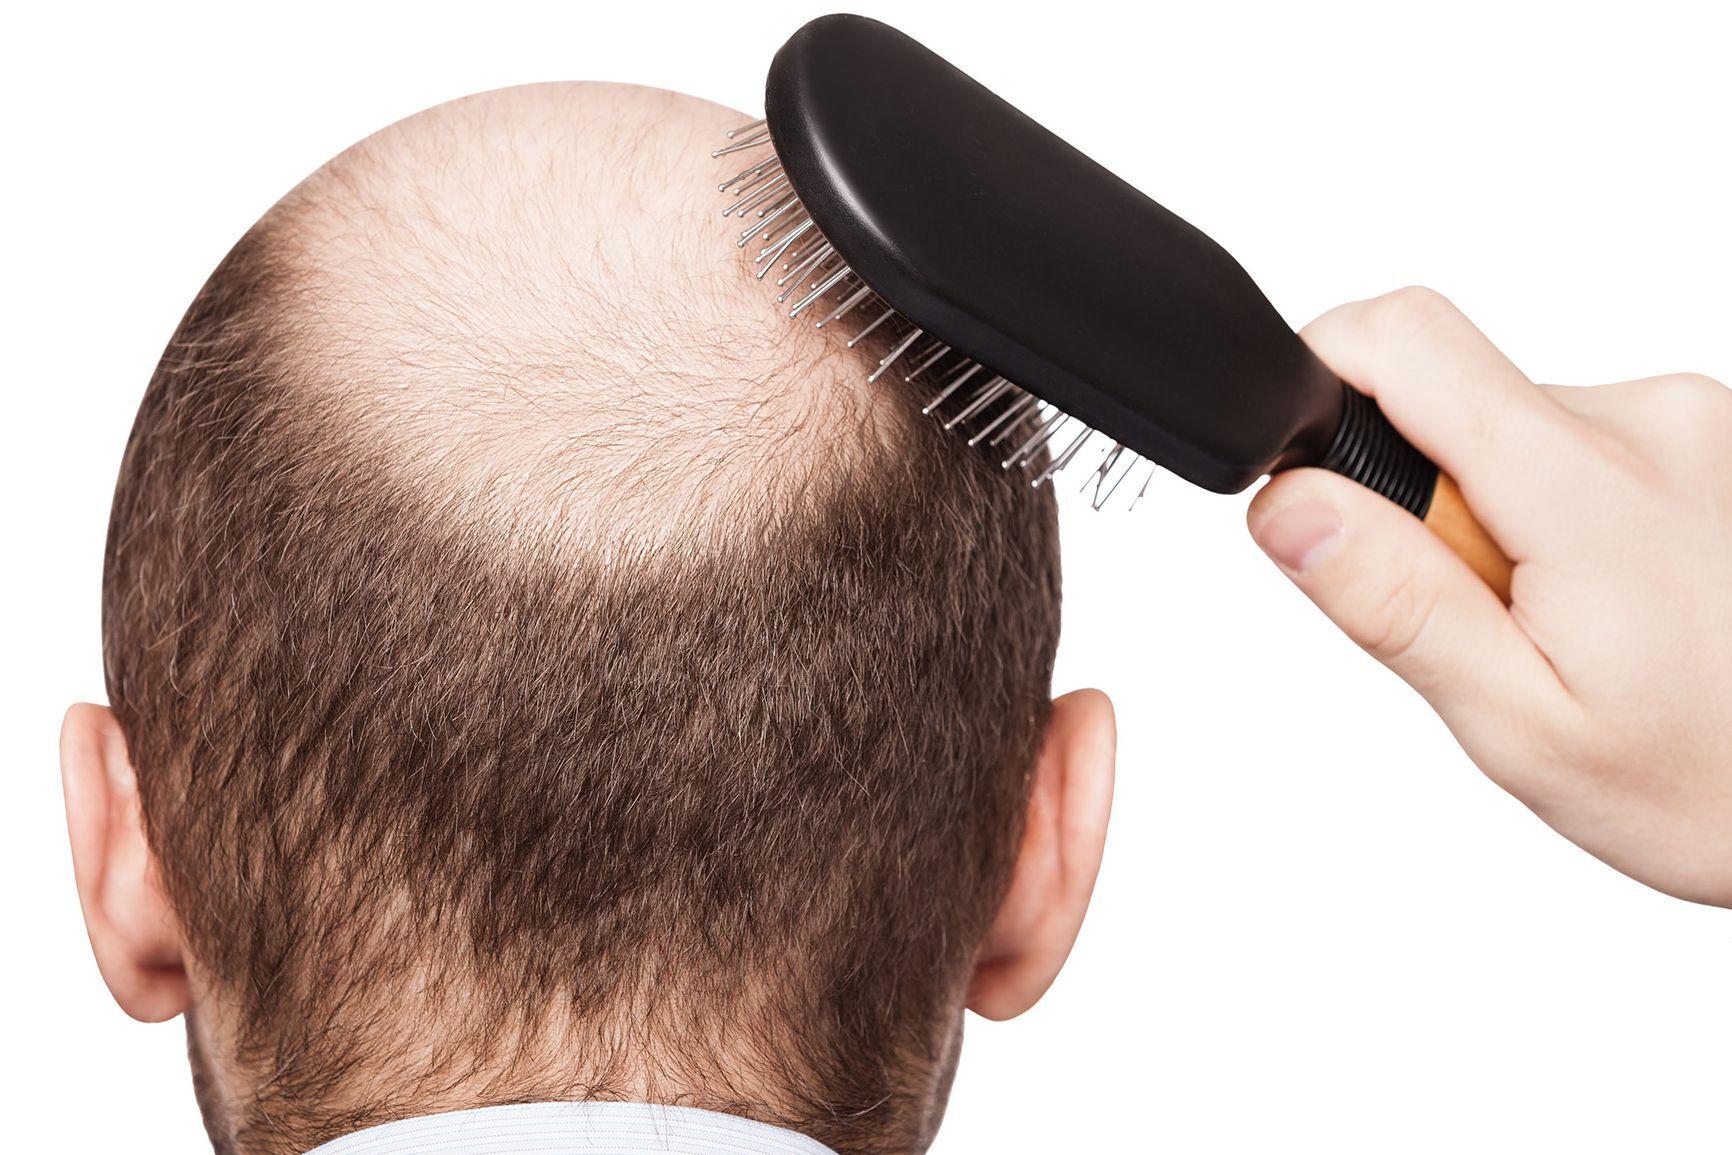 Come rimuovere i peli del viso in modo efficace | ridelo.eu